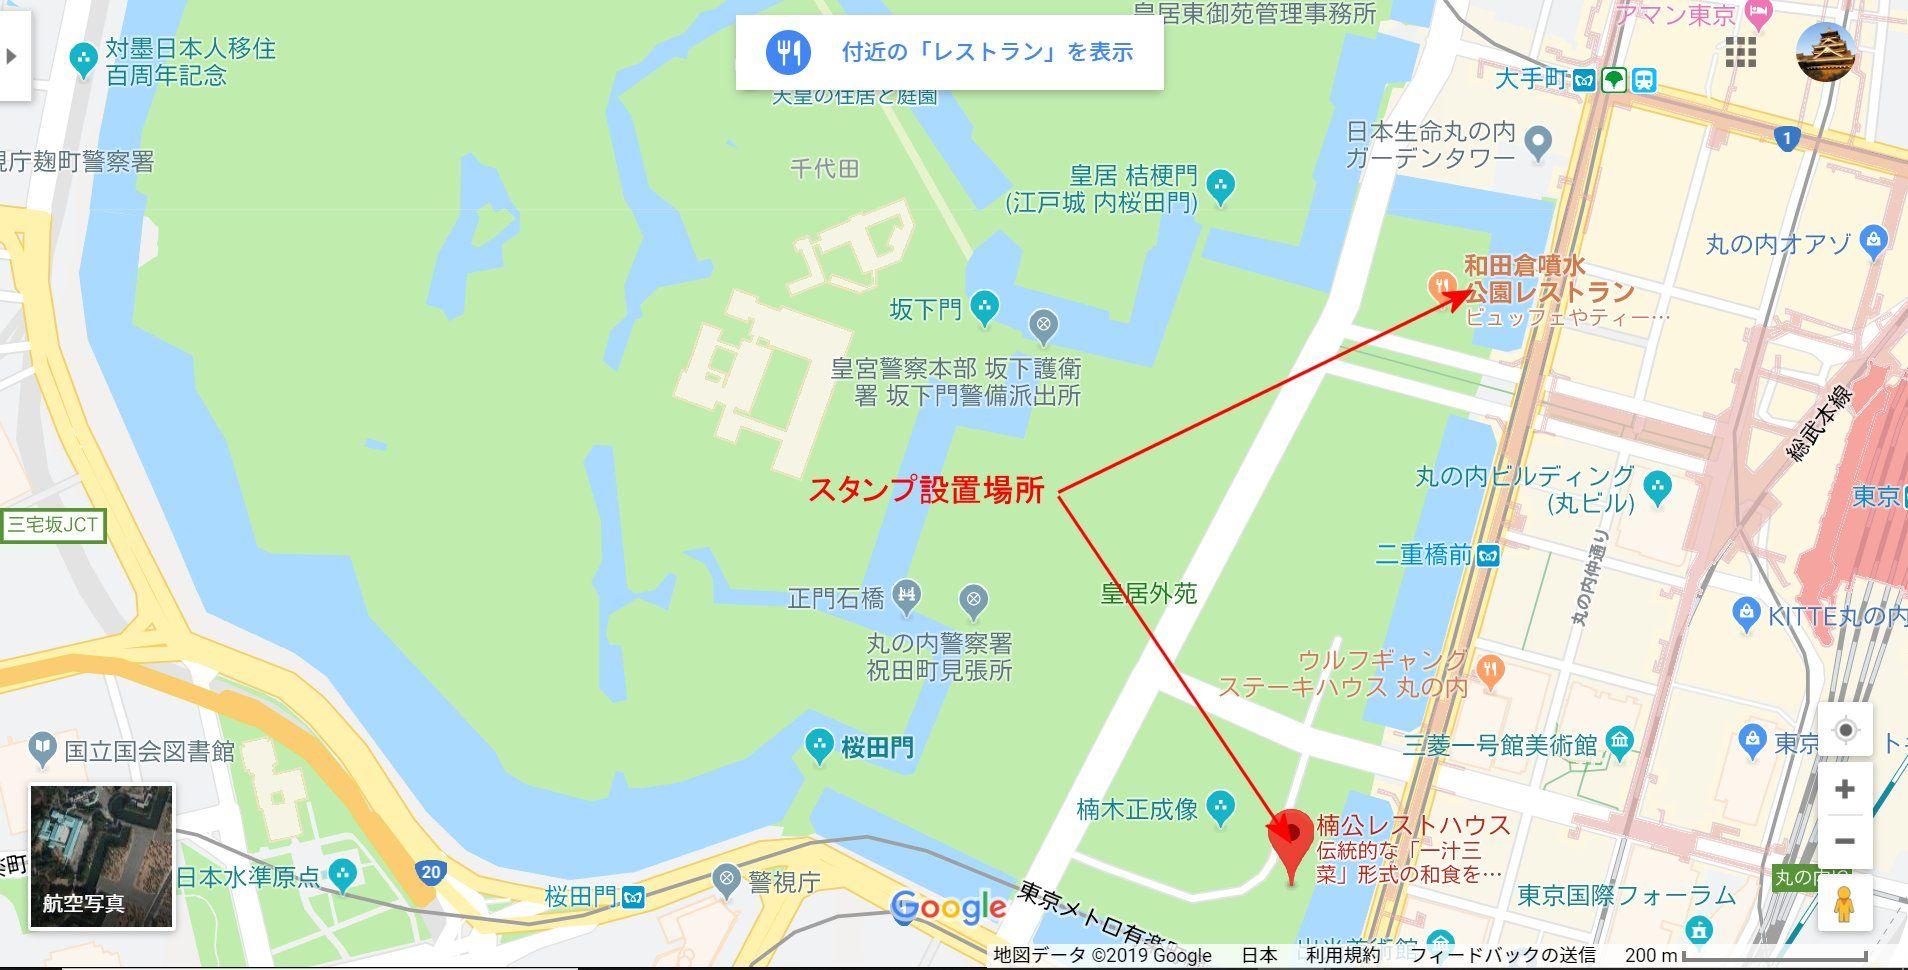 場所 江戸城